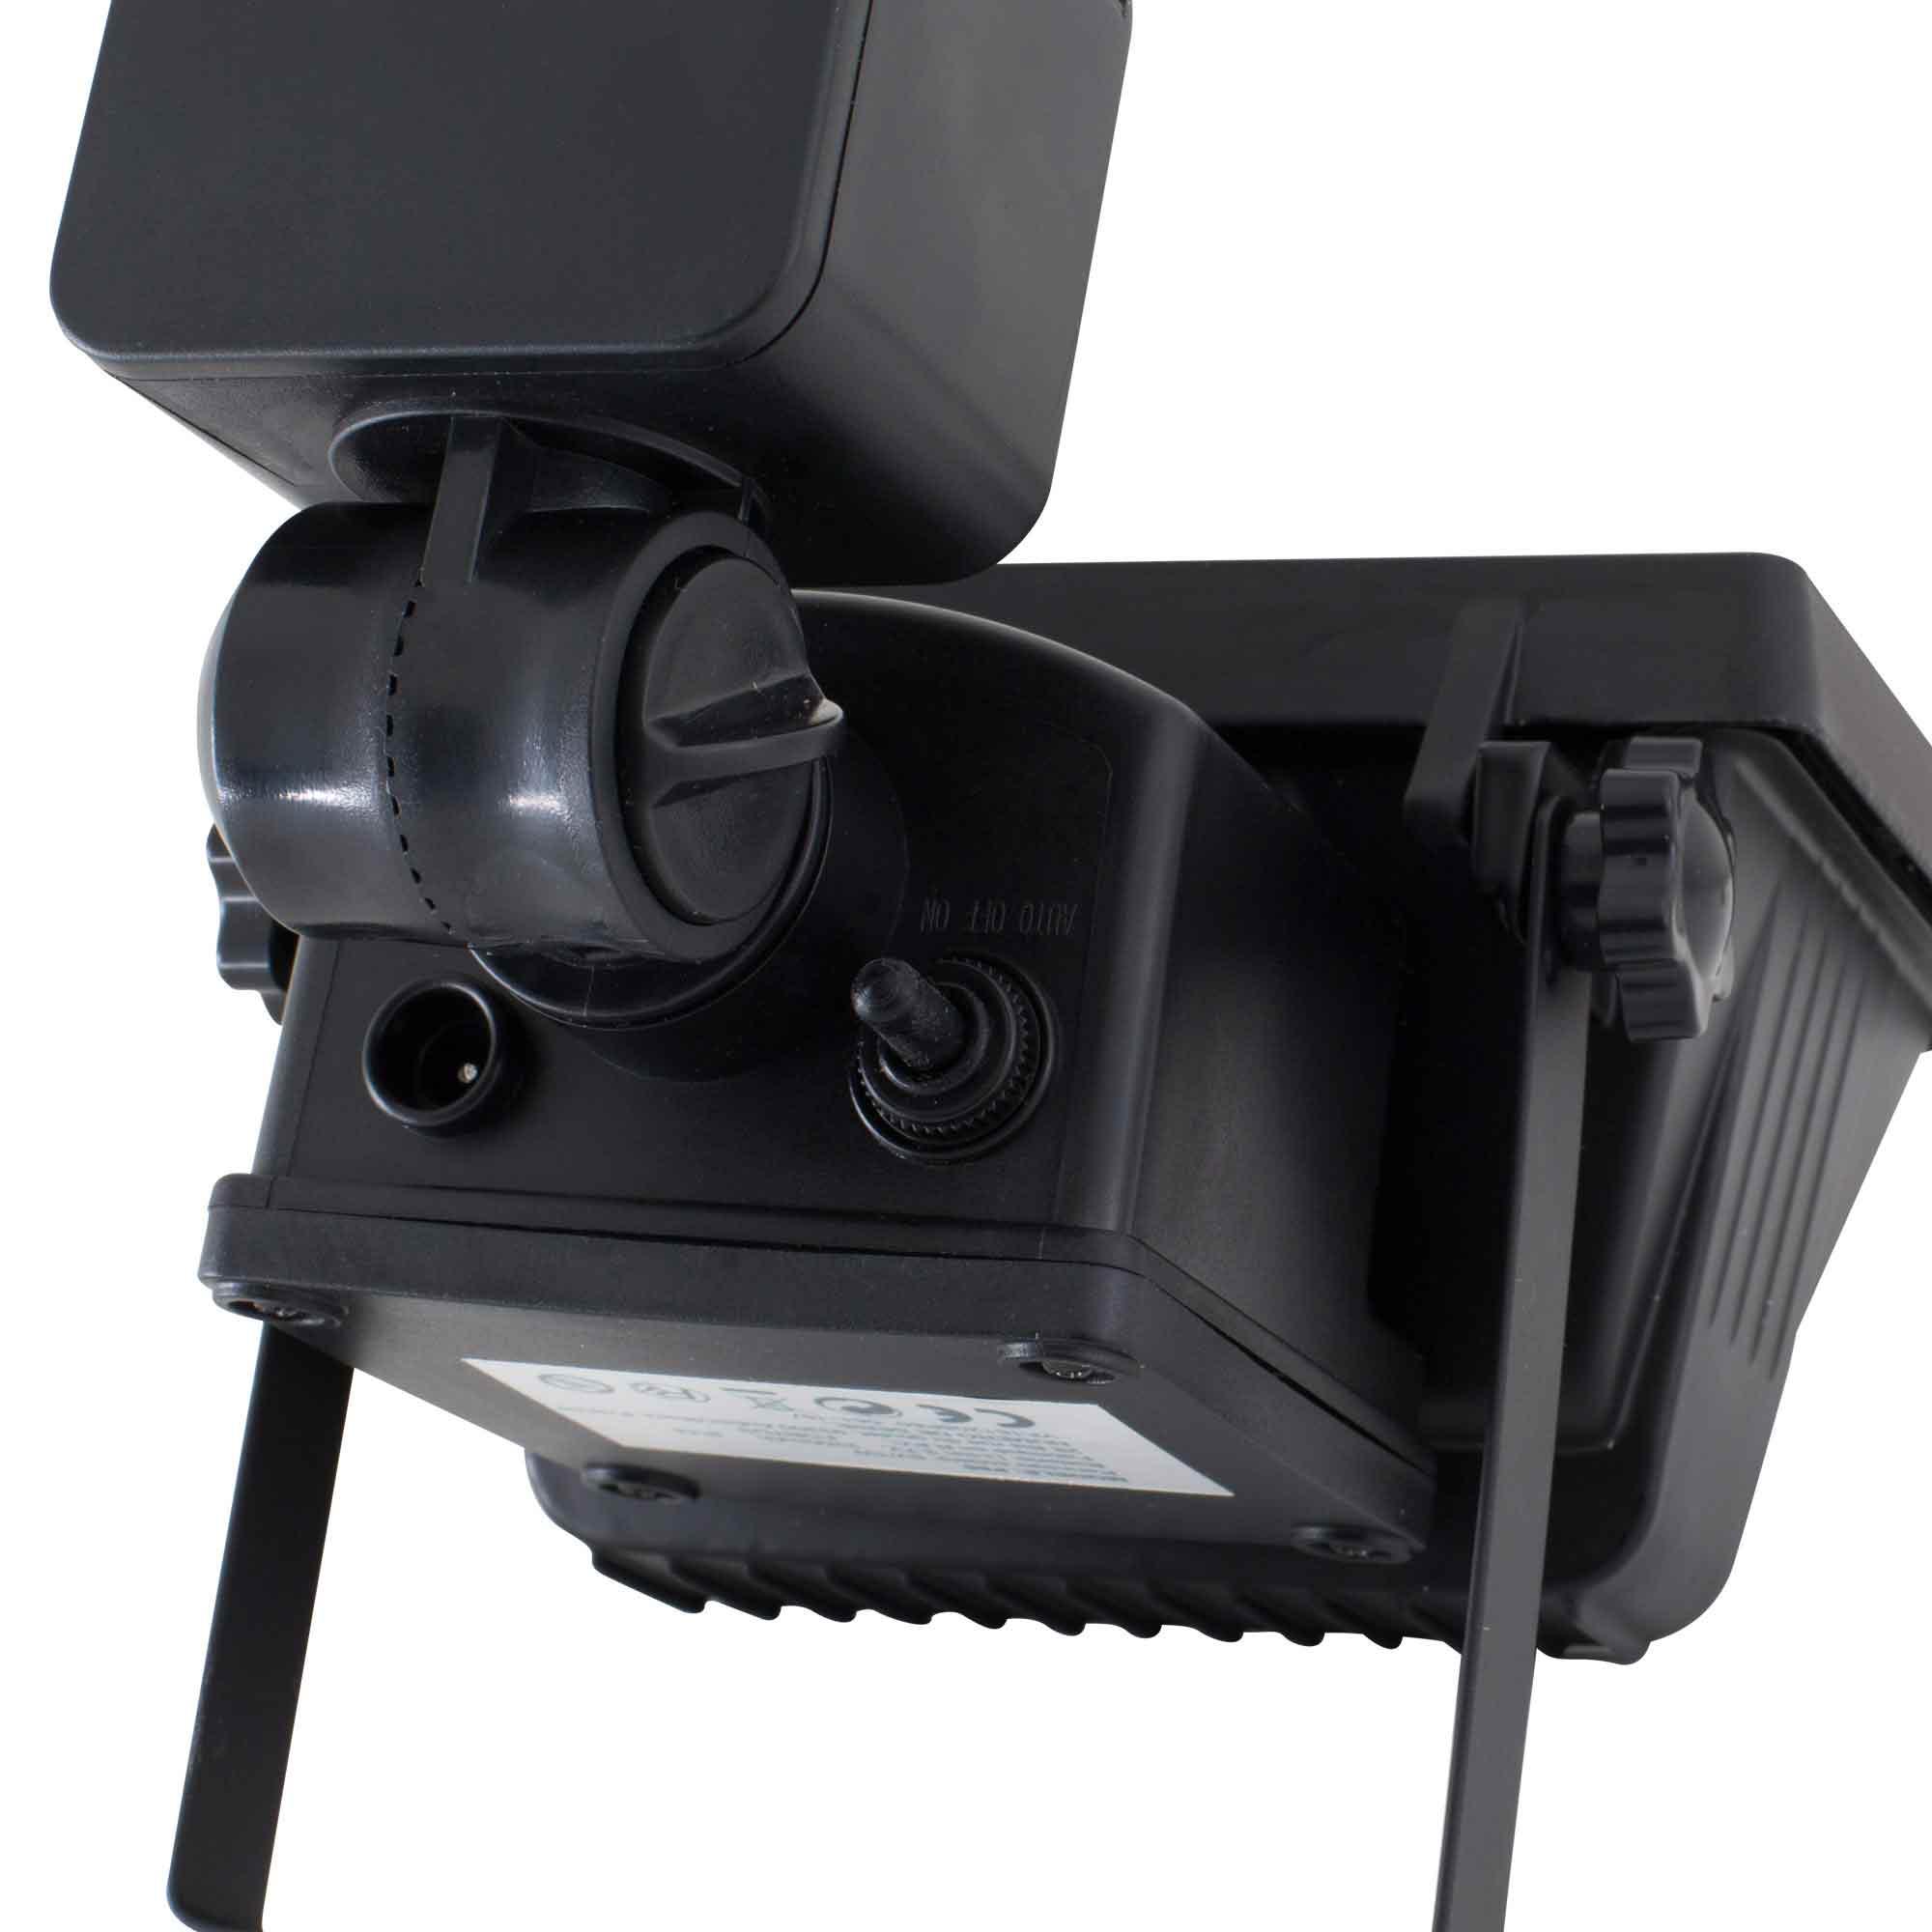 projecteur solaire 60 leds avec d tecteur de mouvement p60 de beesolar. Black Bedroom Furniture Sets. Home Design Ideas